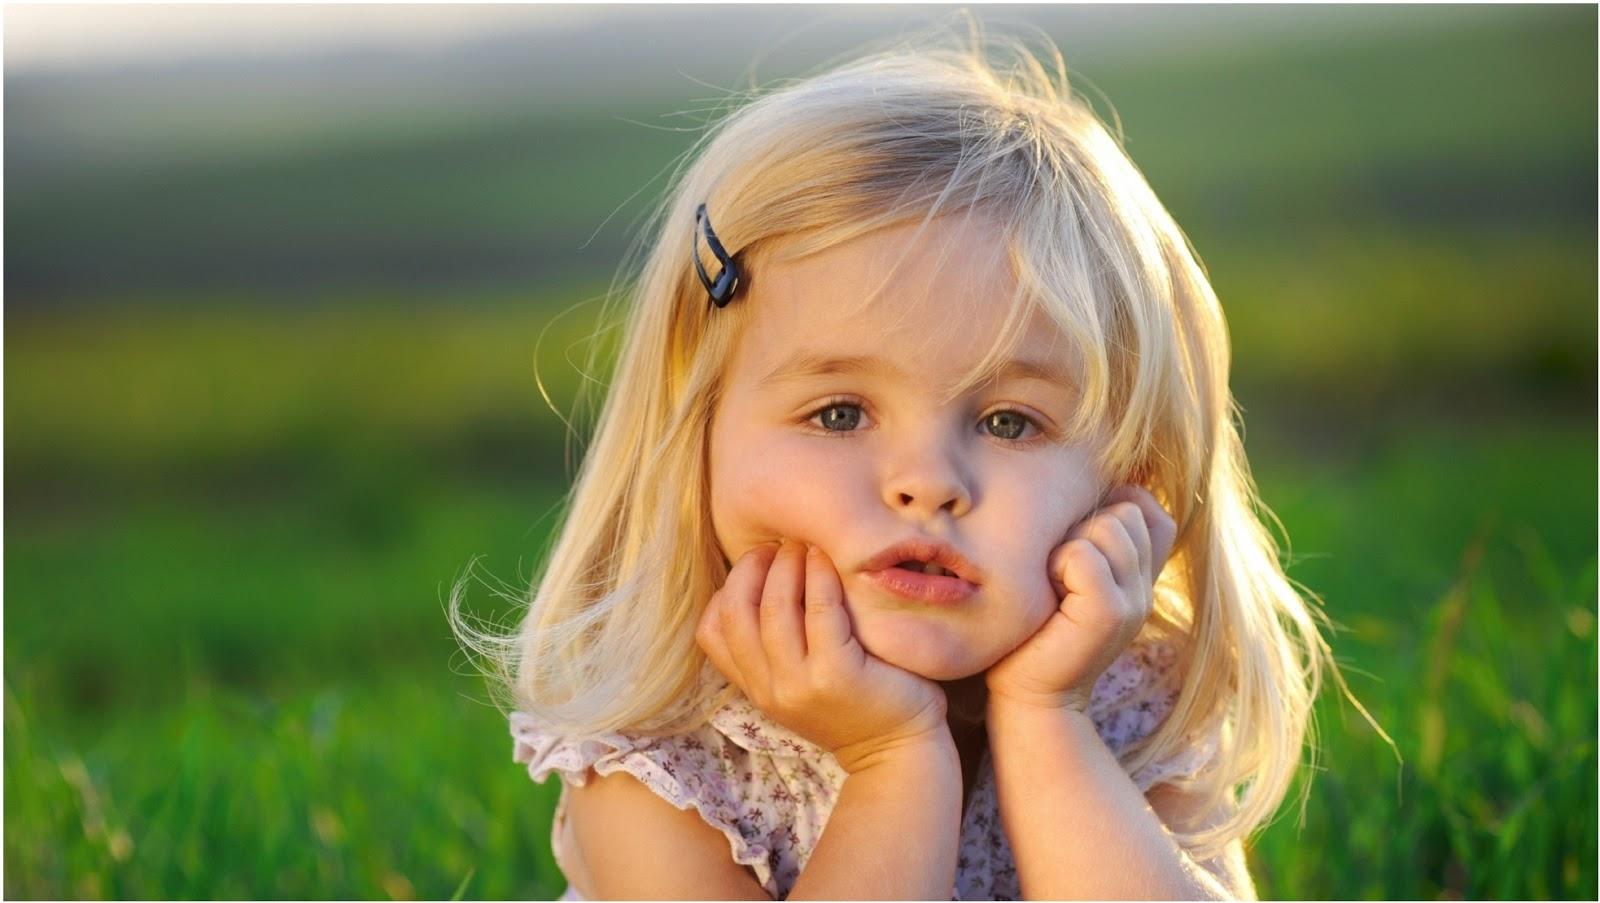 صور أطفال بنات كيوت